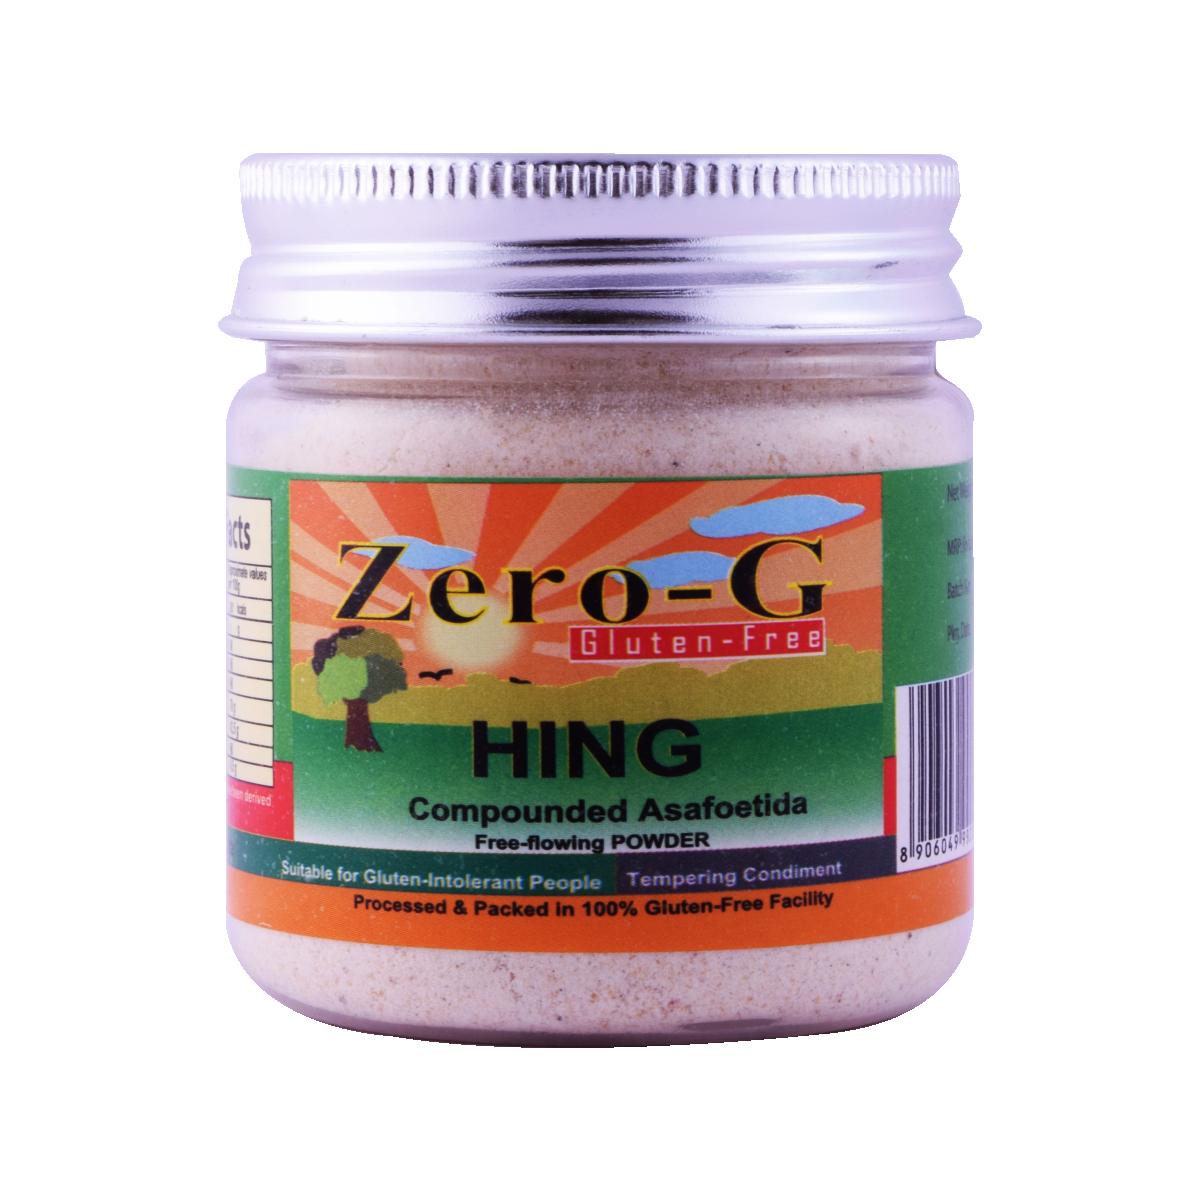 Zero-G Hing